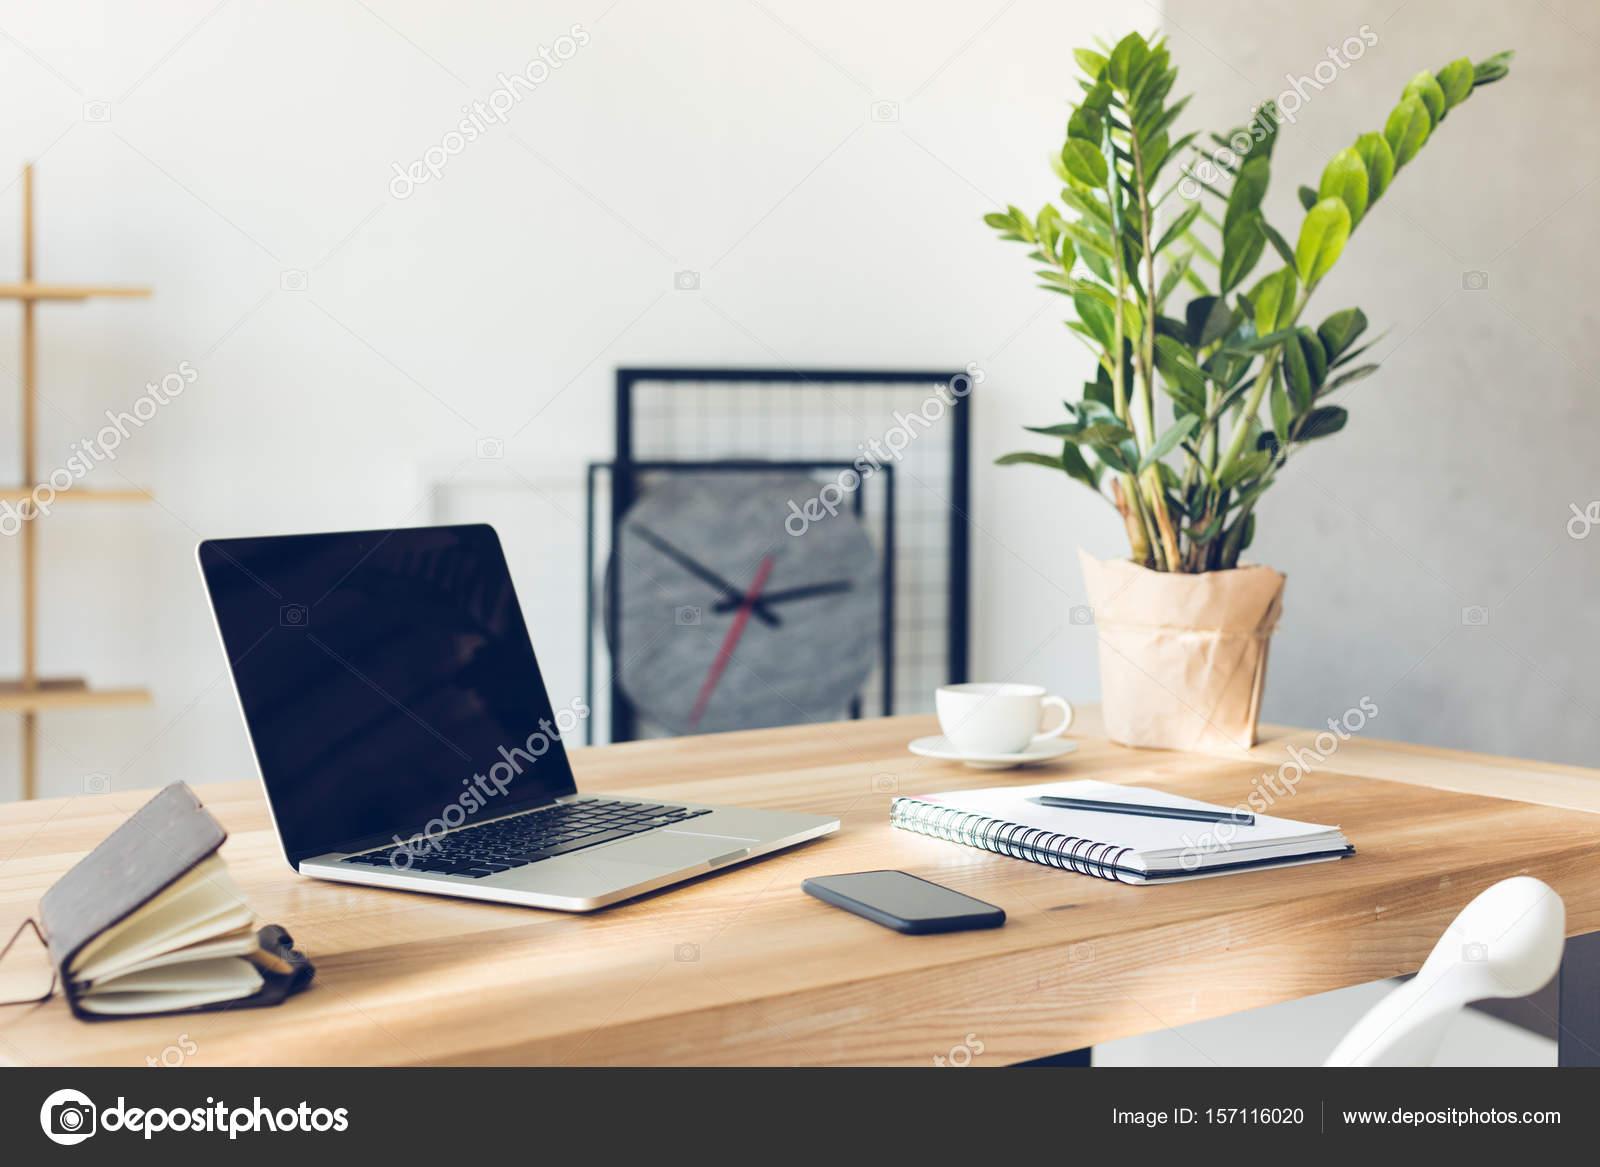 Ontwerp van werkplek in kantoor aan huis met modern materieel en